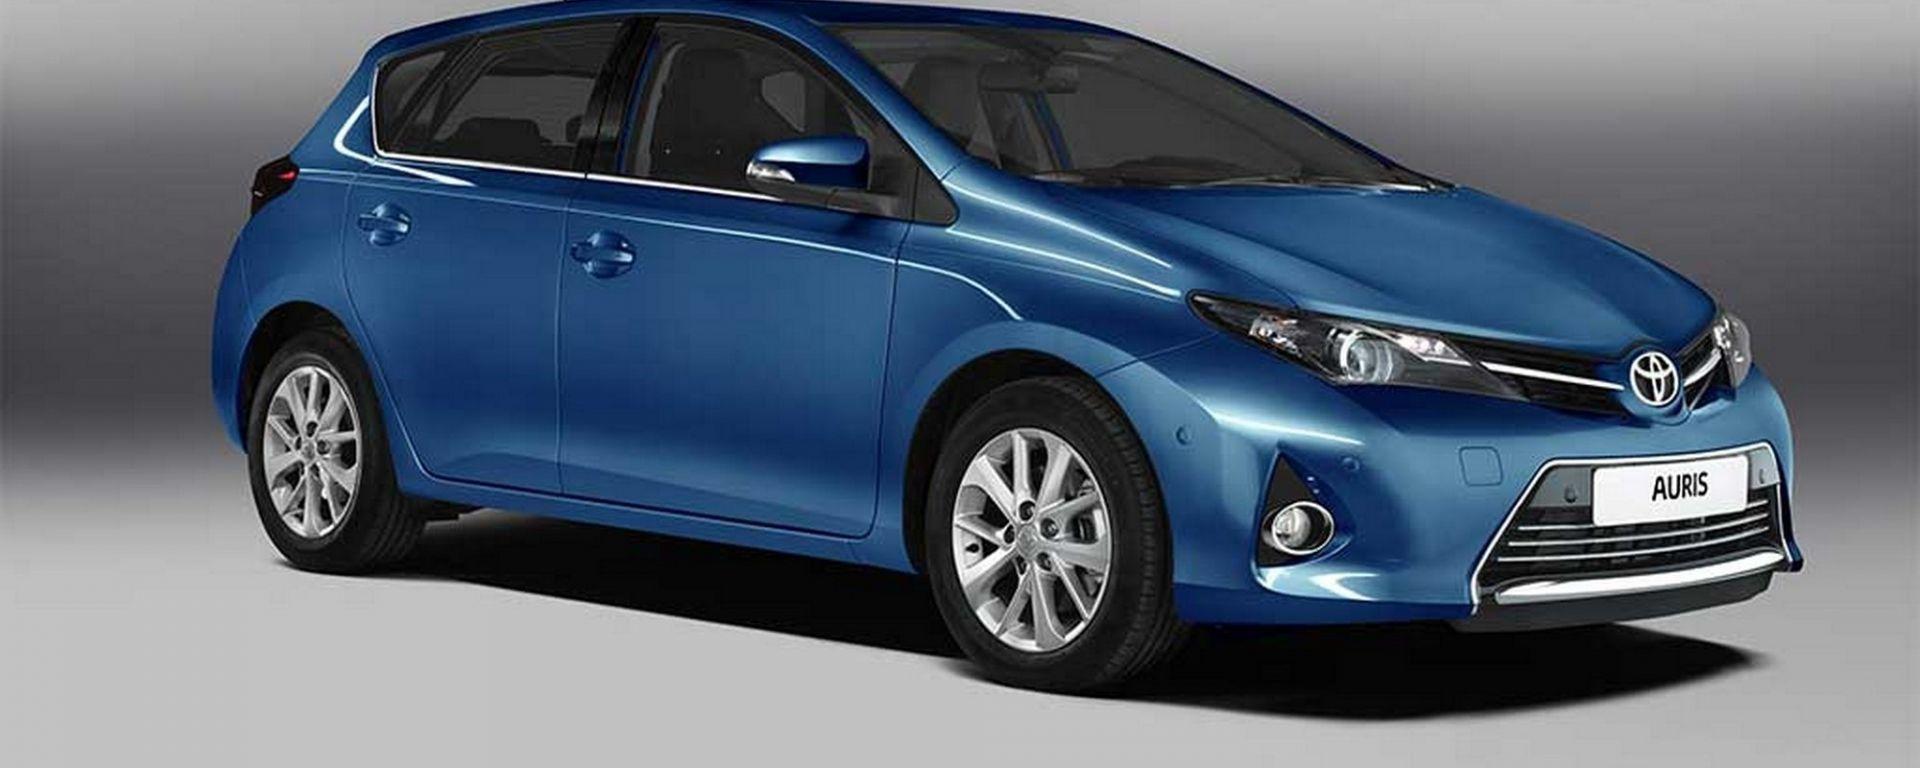 Toyota Auris Hybrid, regina del mercato dell'usato a duplice alimentazione